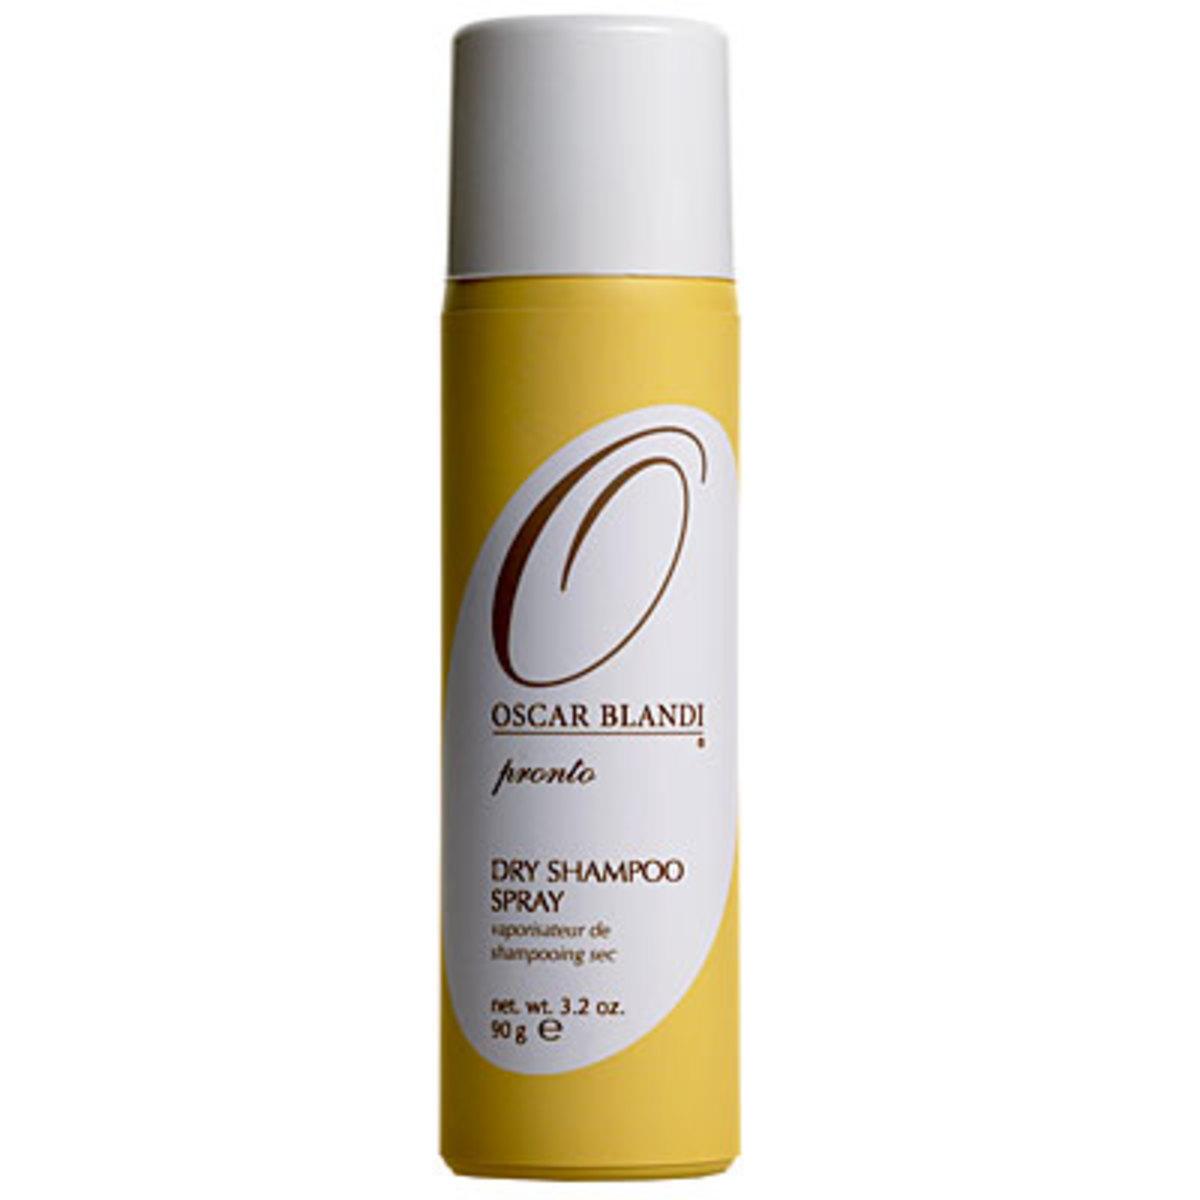 Oscar Blandi Dry Shampoo Spray